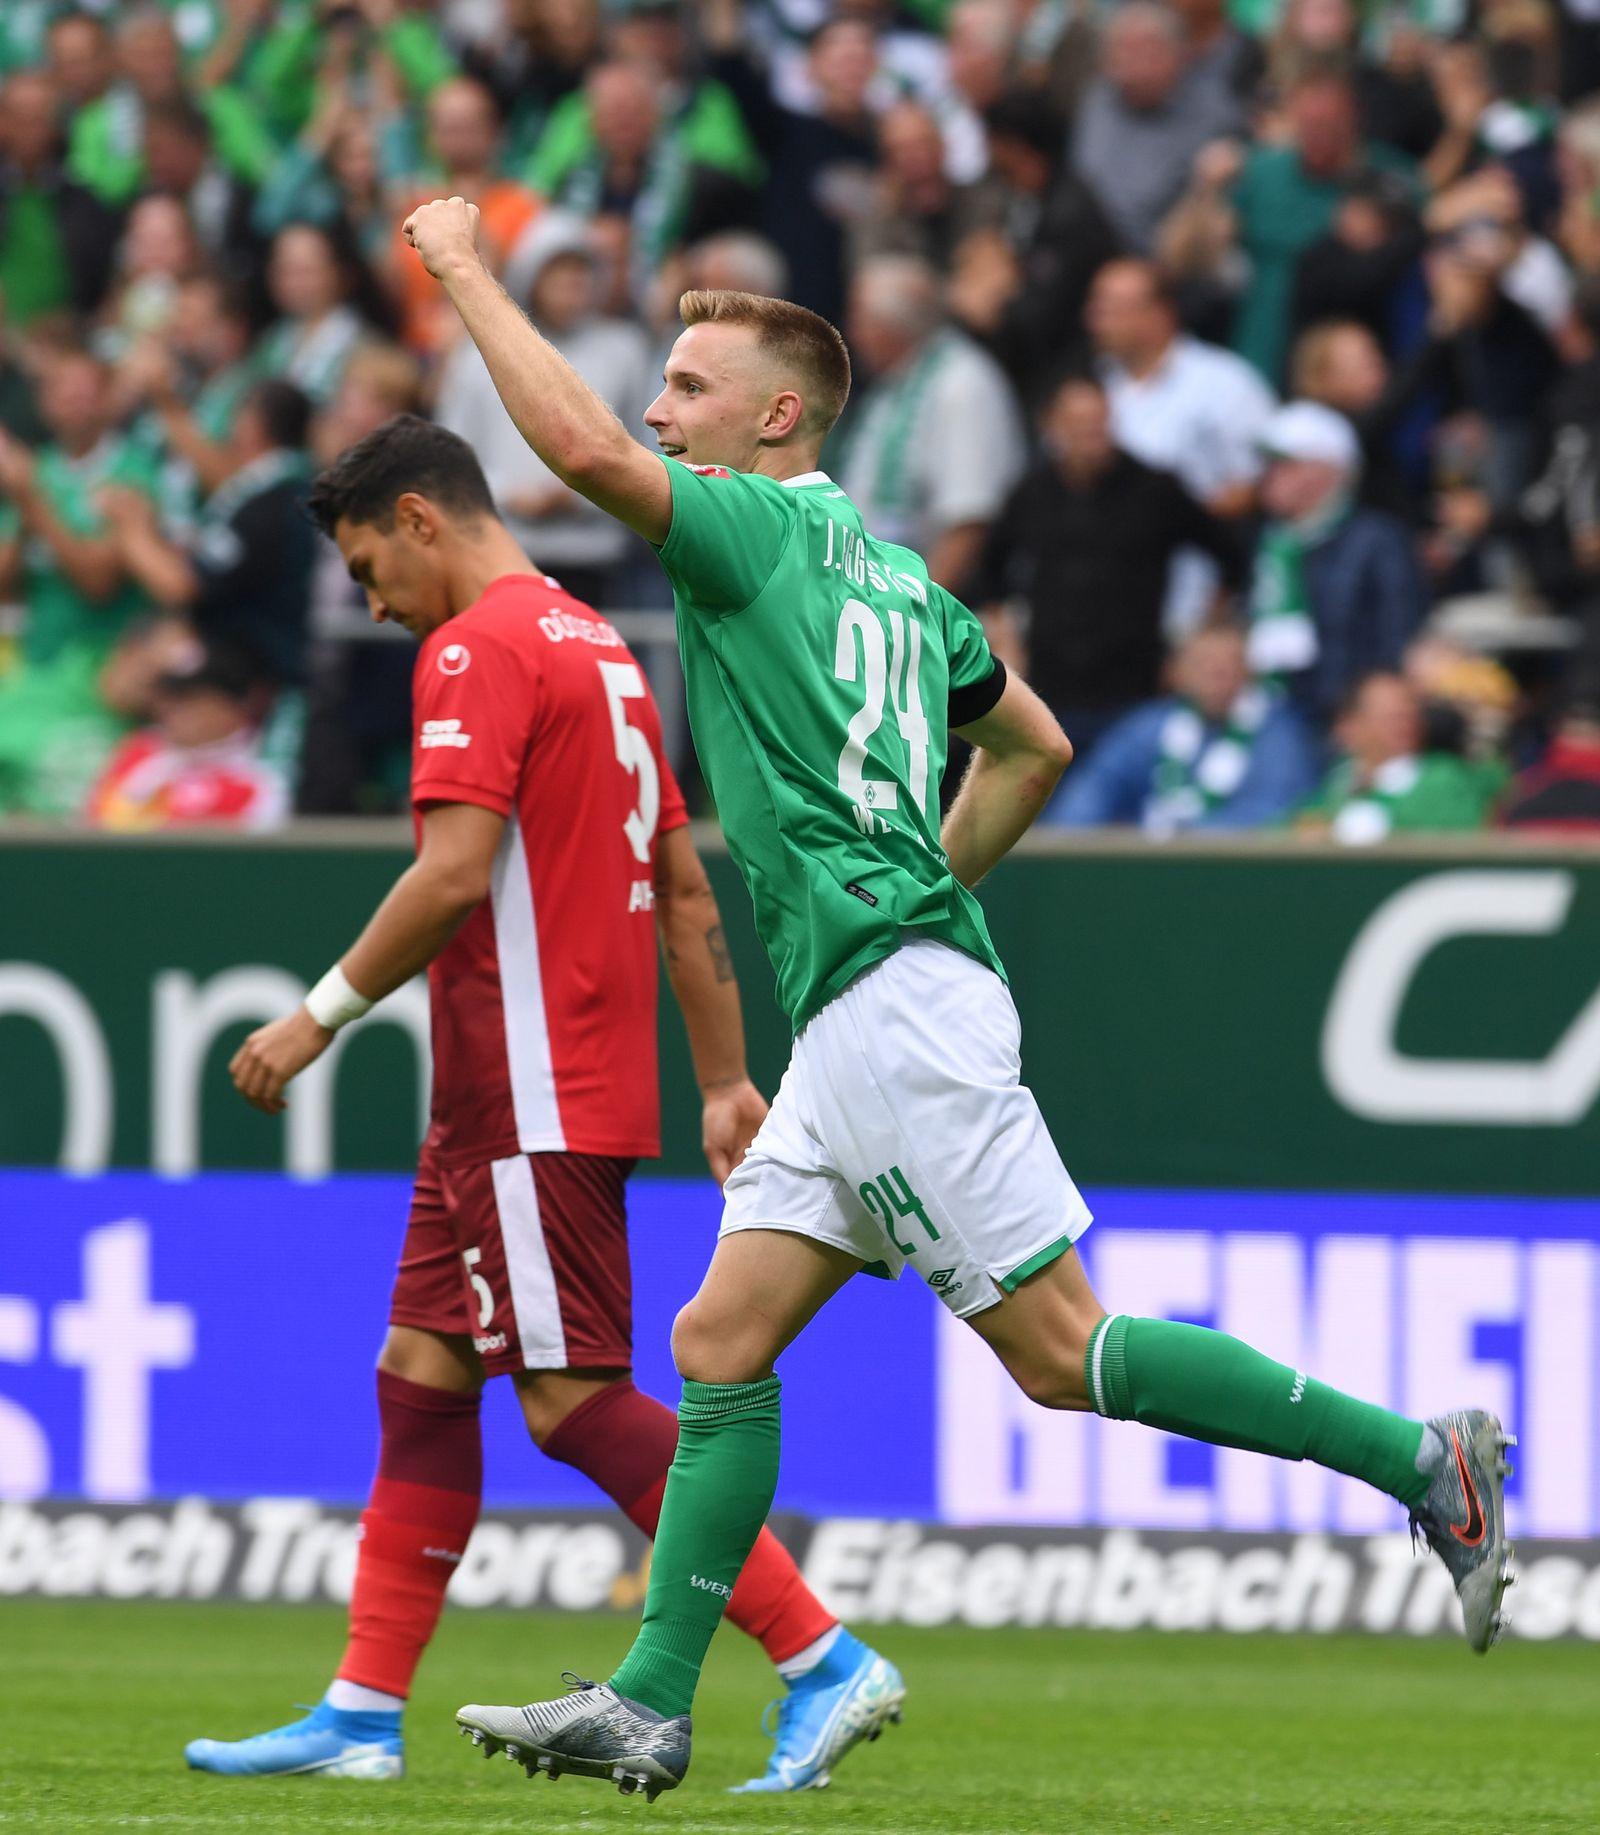 Spielergebnis Werder Bremen